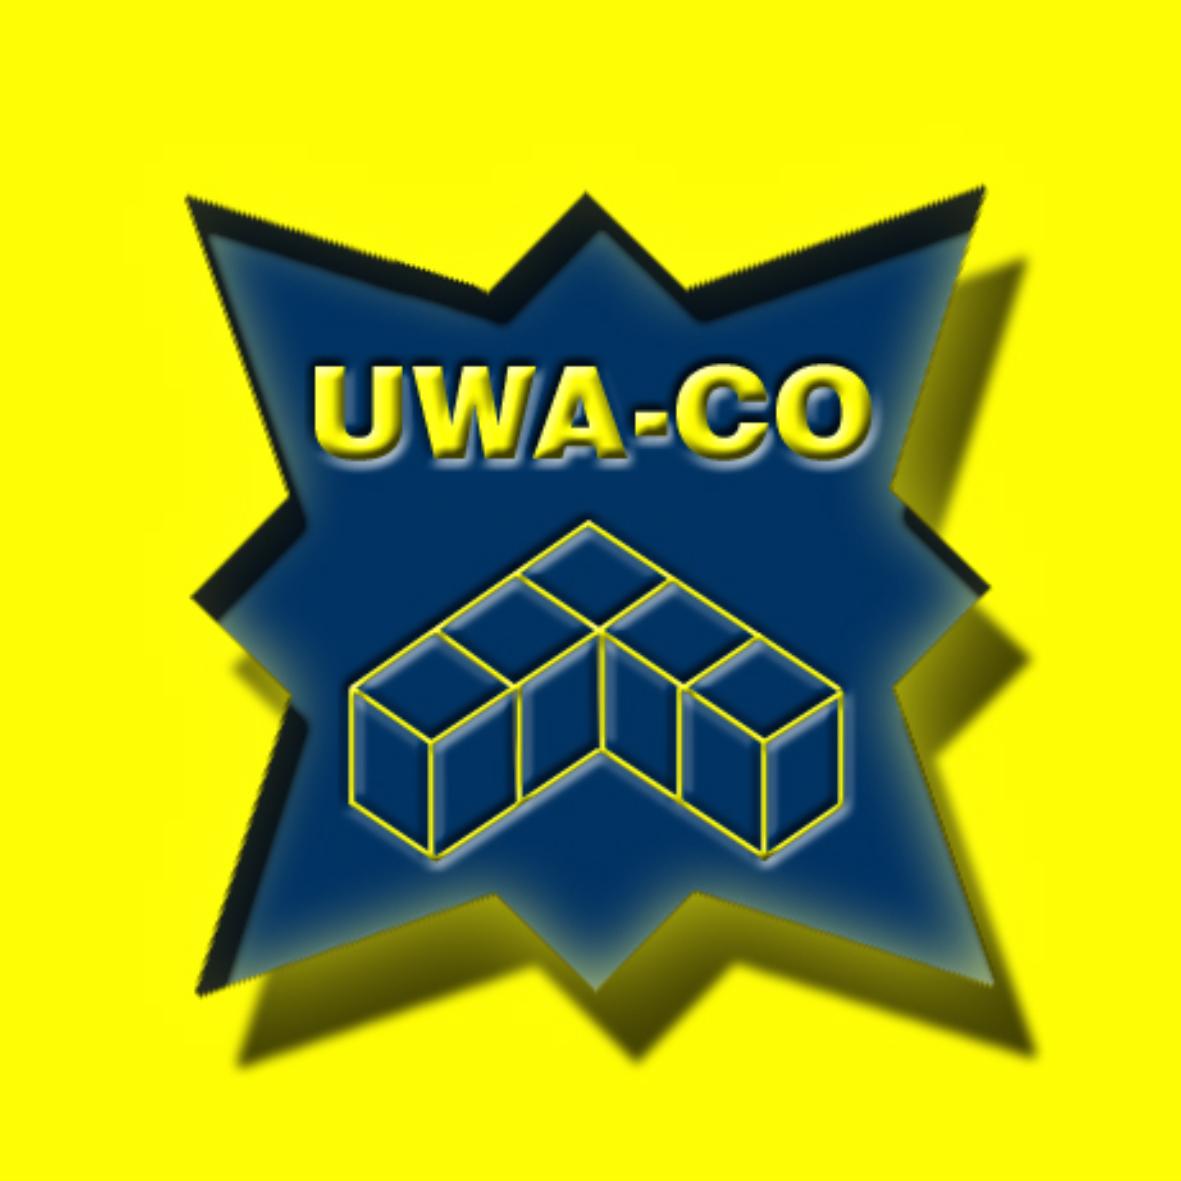 UWA-CO